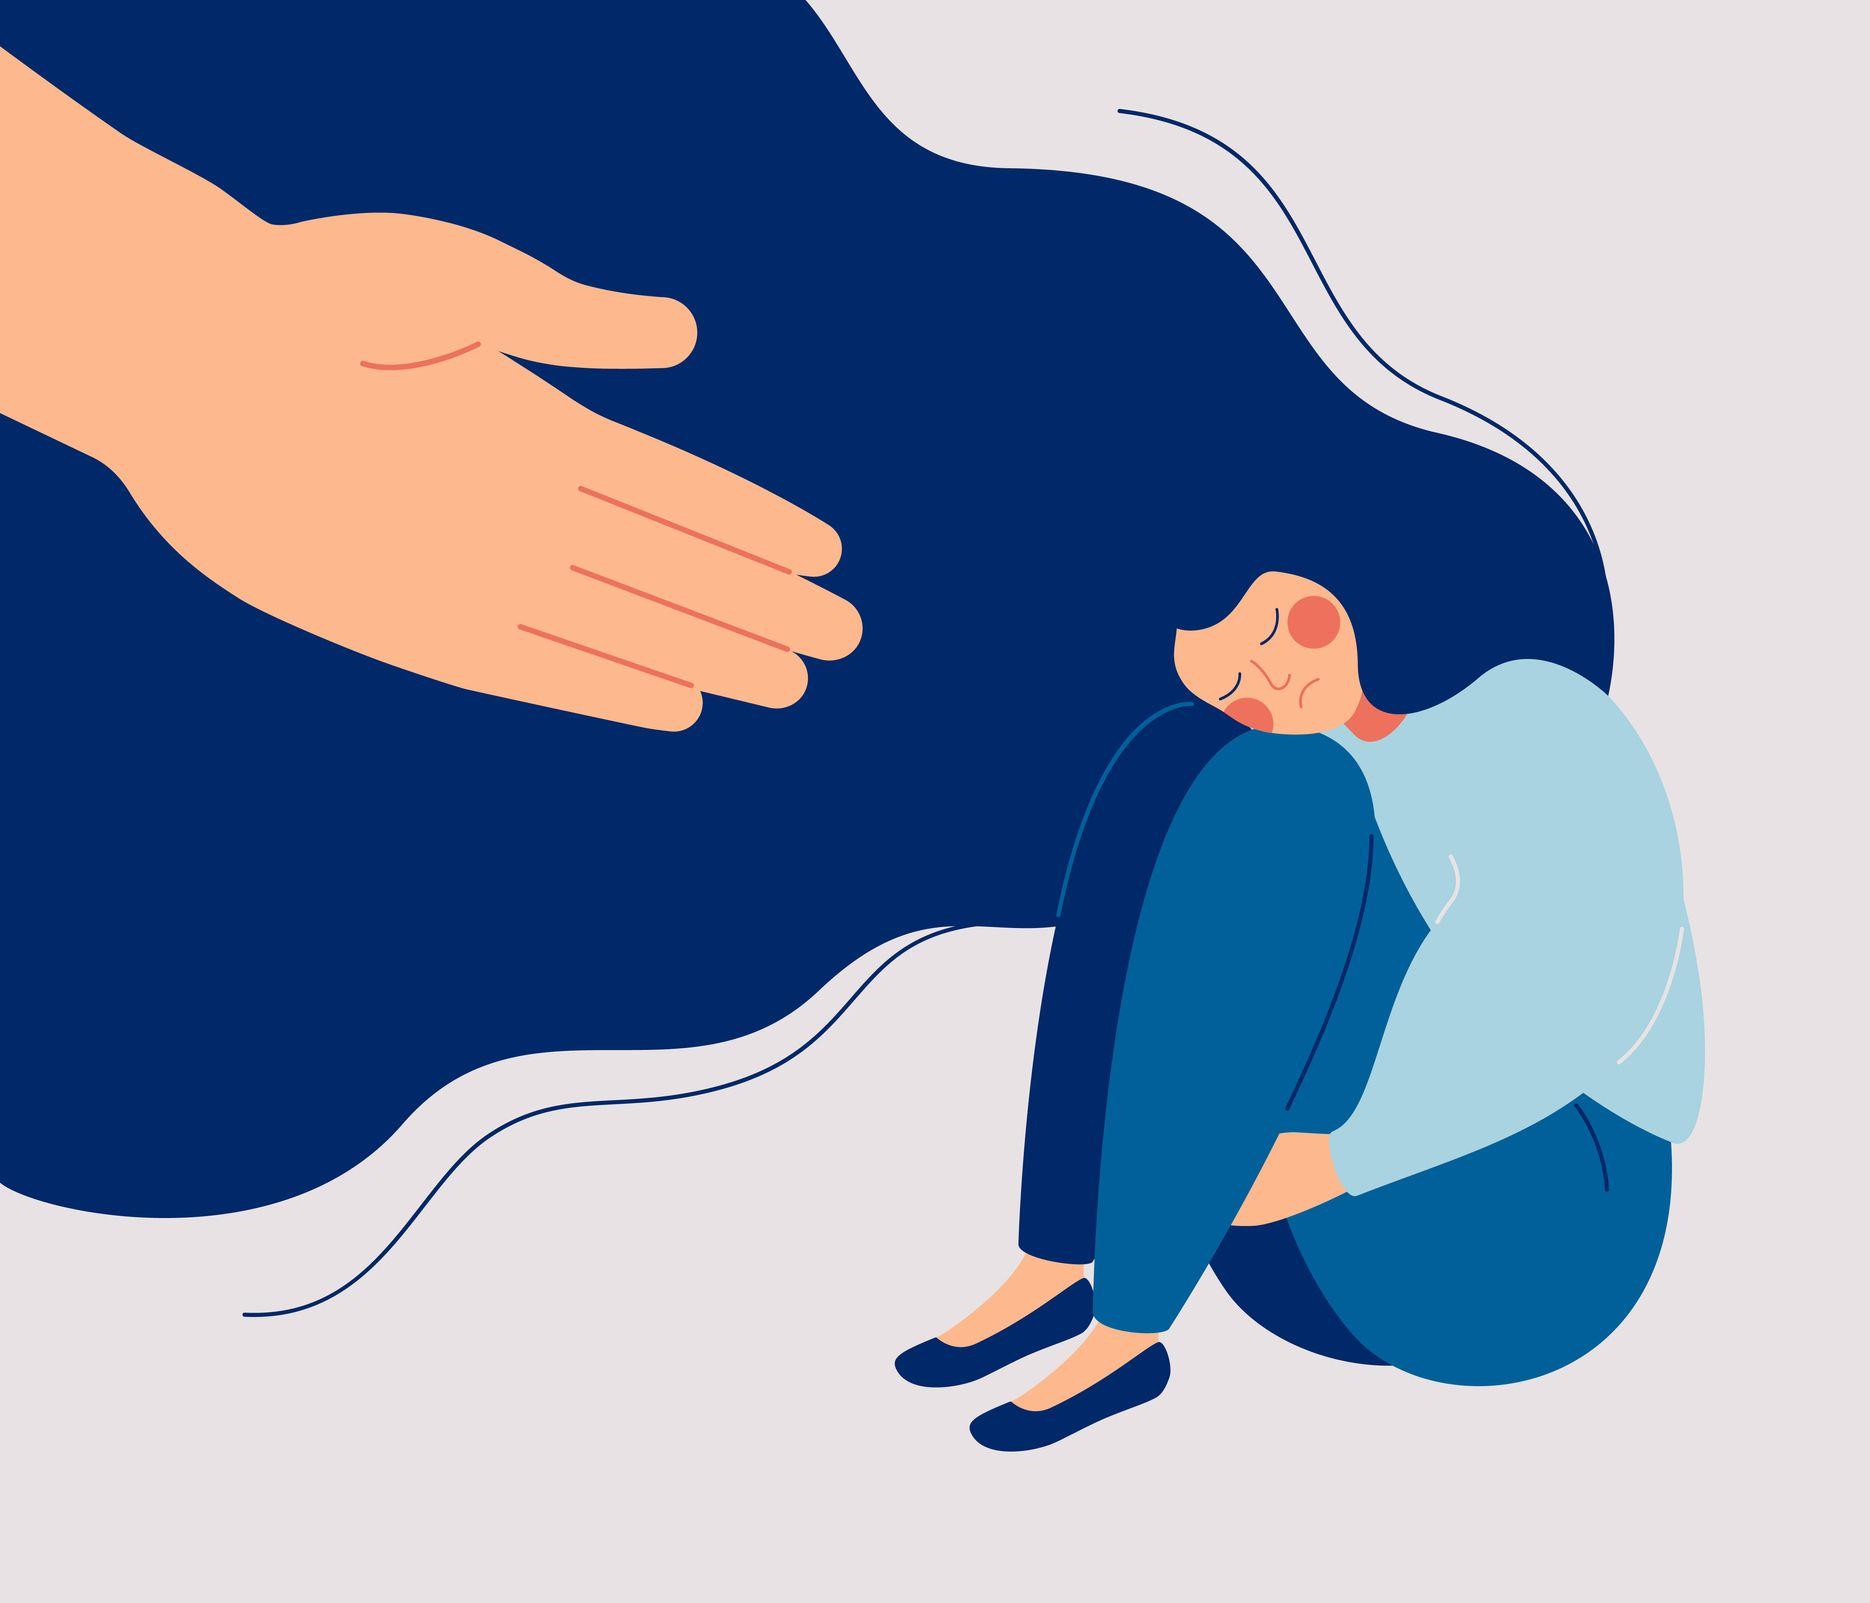 La psiche ai tempi di Coronavirus #2 (quando da stress personale si passa a trauma collettivo)